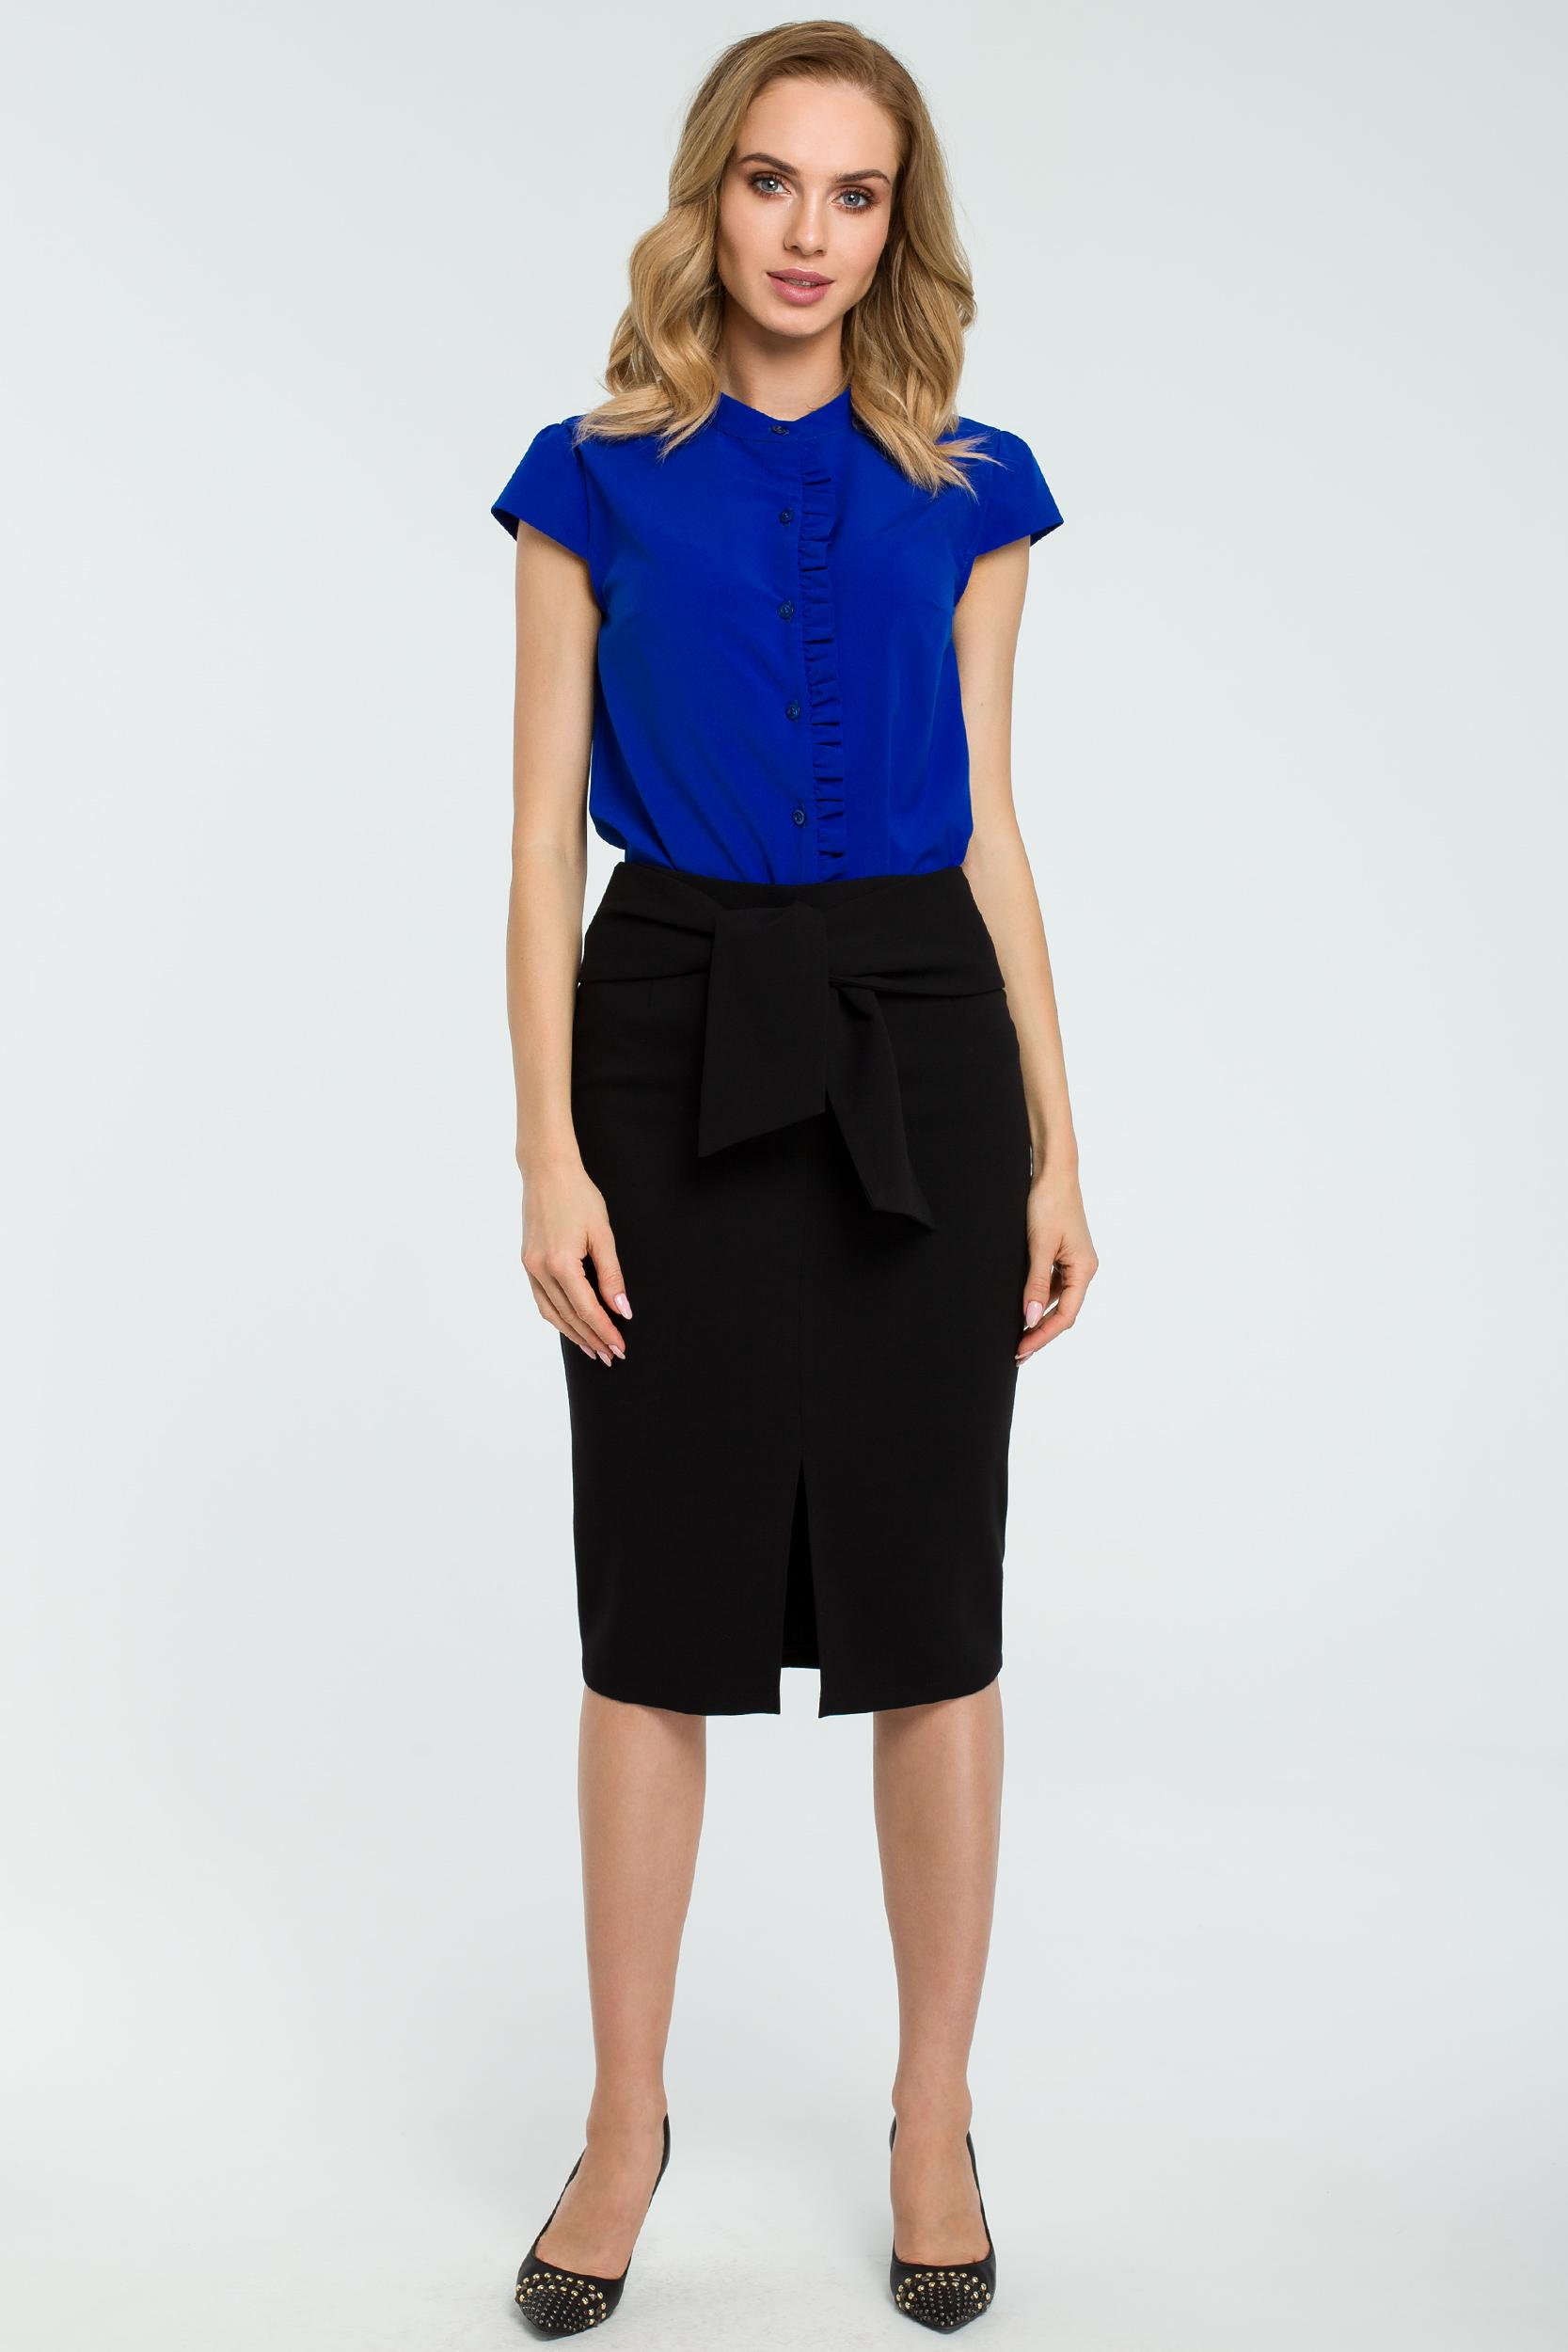 697e2e15 Elegancka spódnica ołówkowa wiązana paskiem czarna